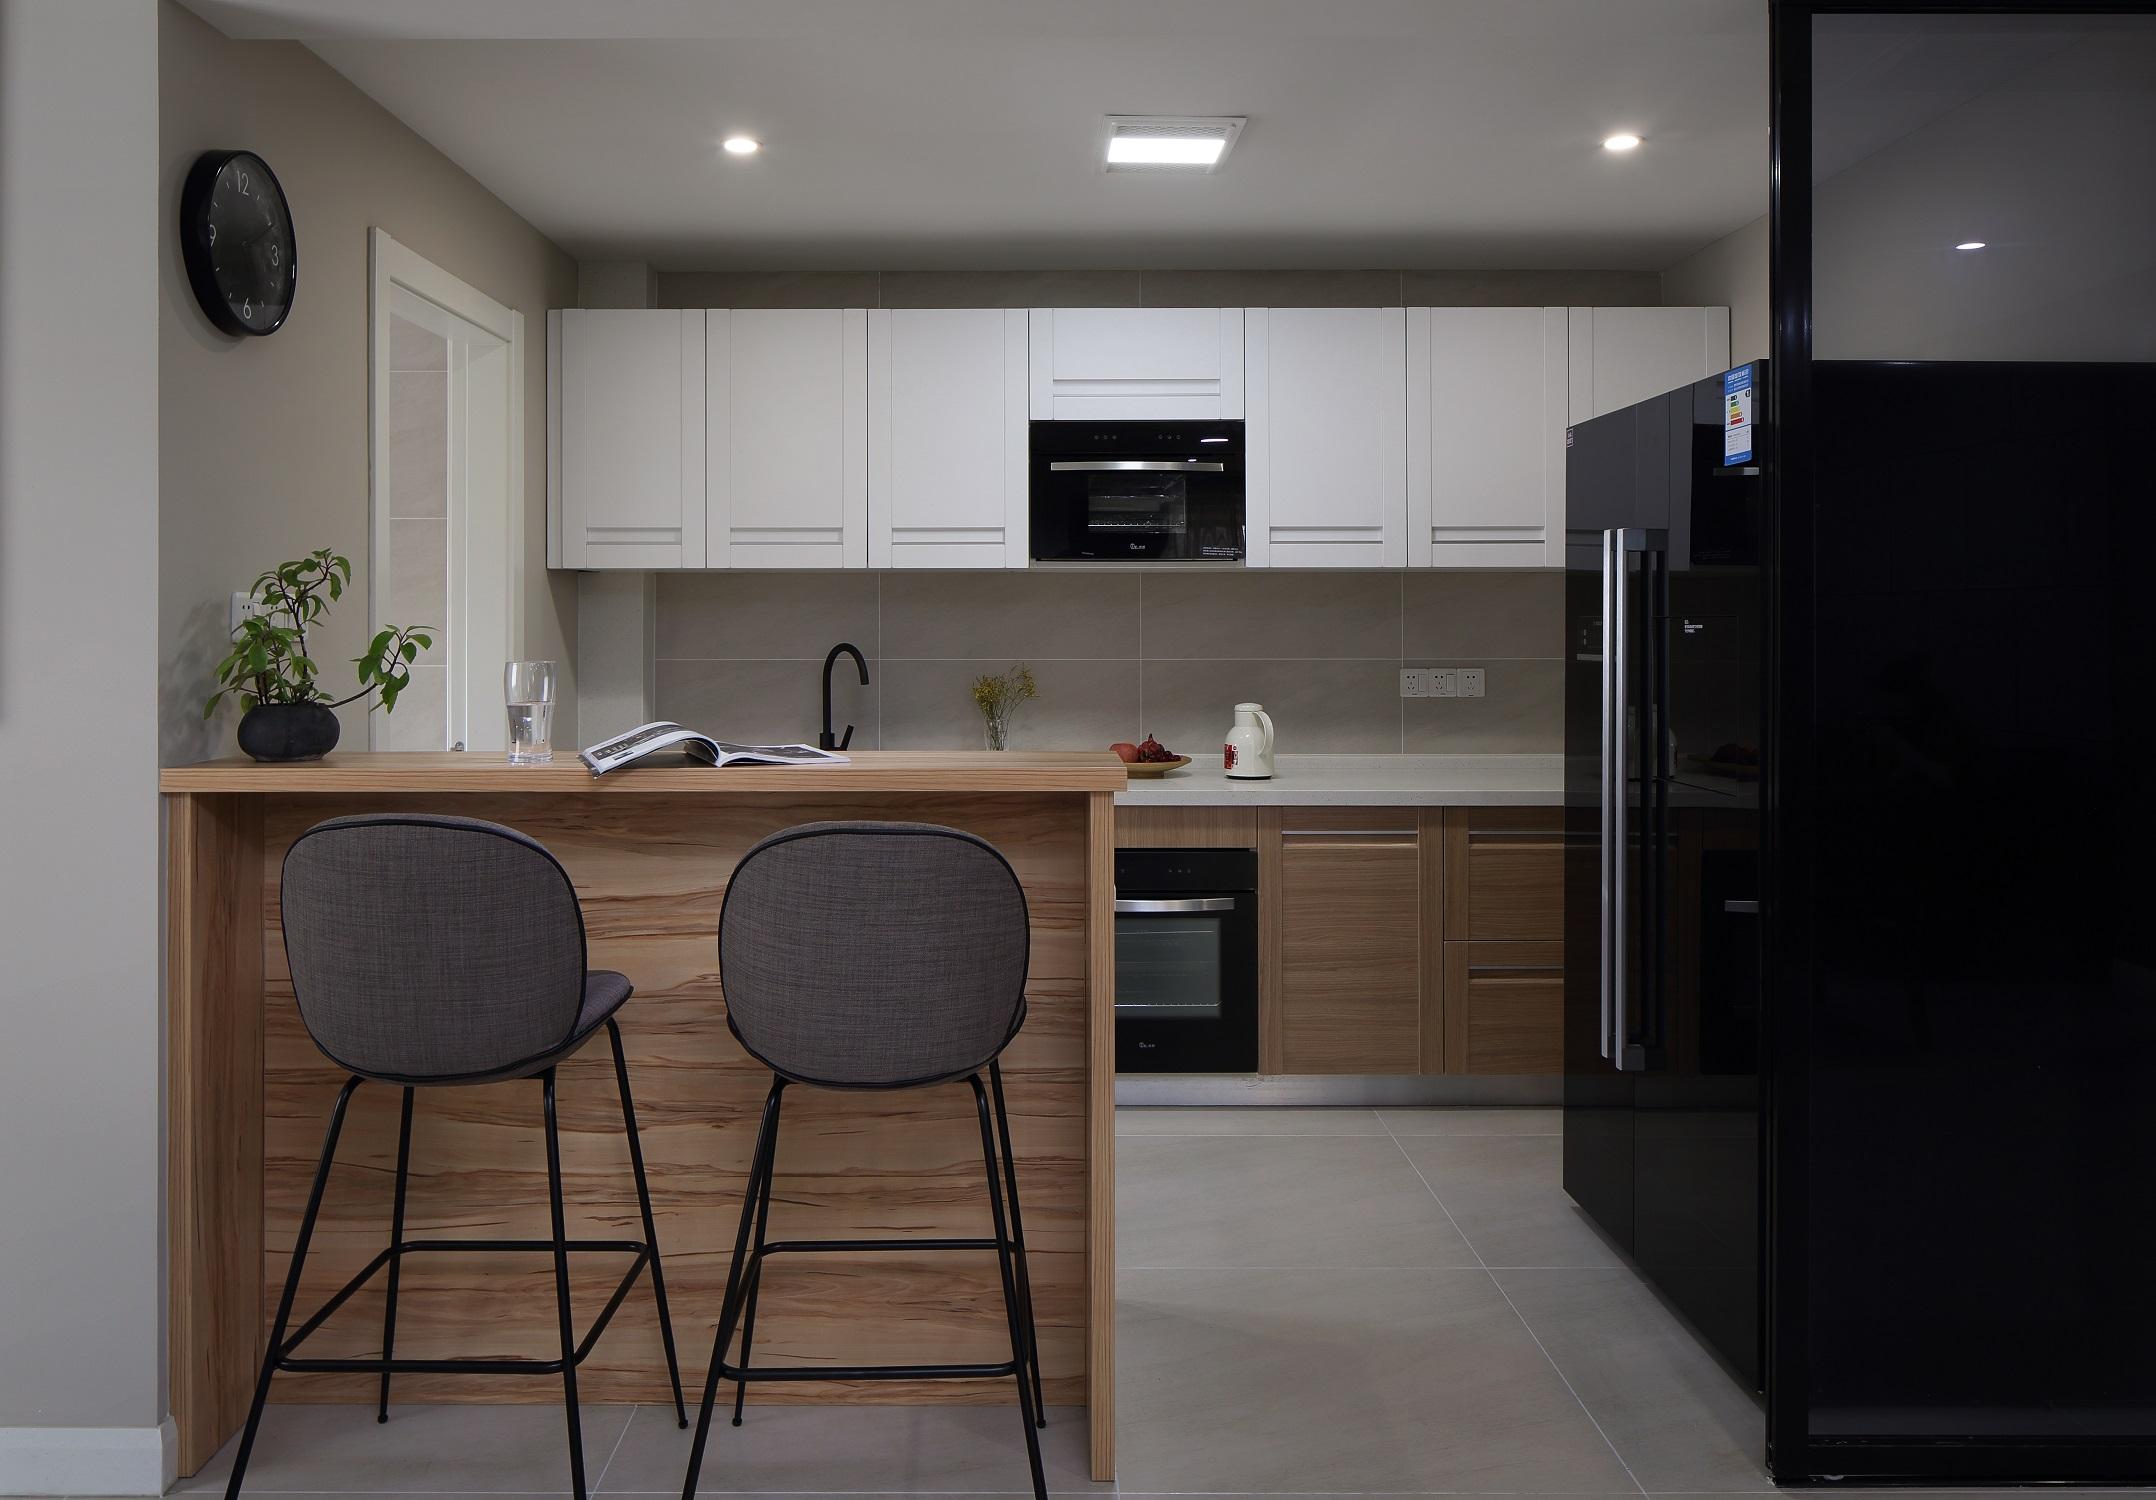 180㎡简约风之家厨房设计图